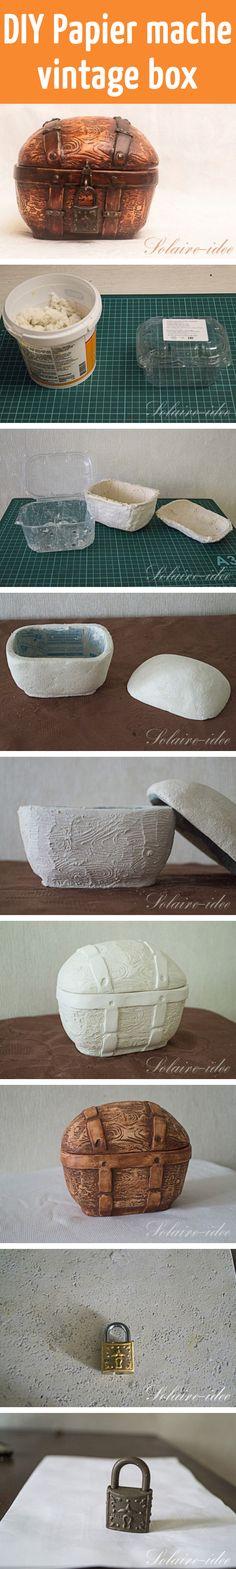 DIY Papier mache vintage box